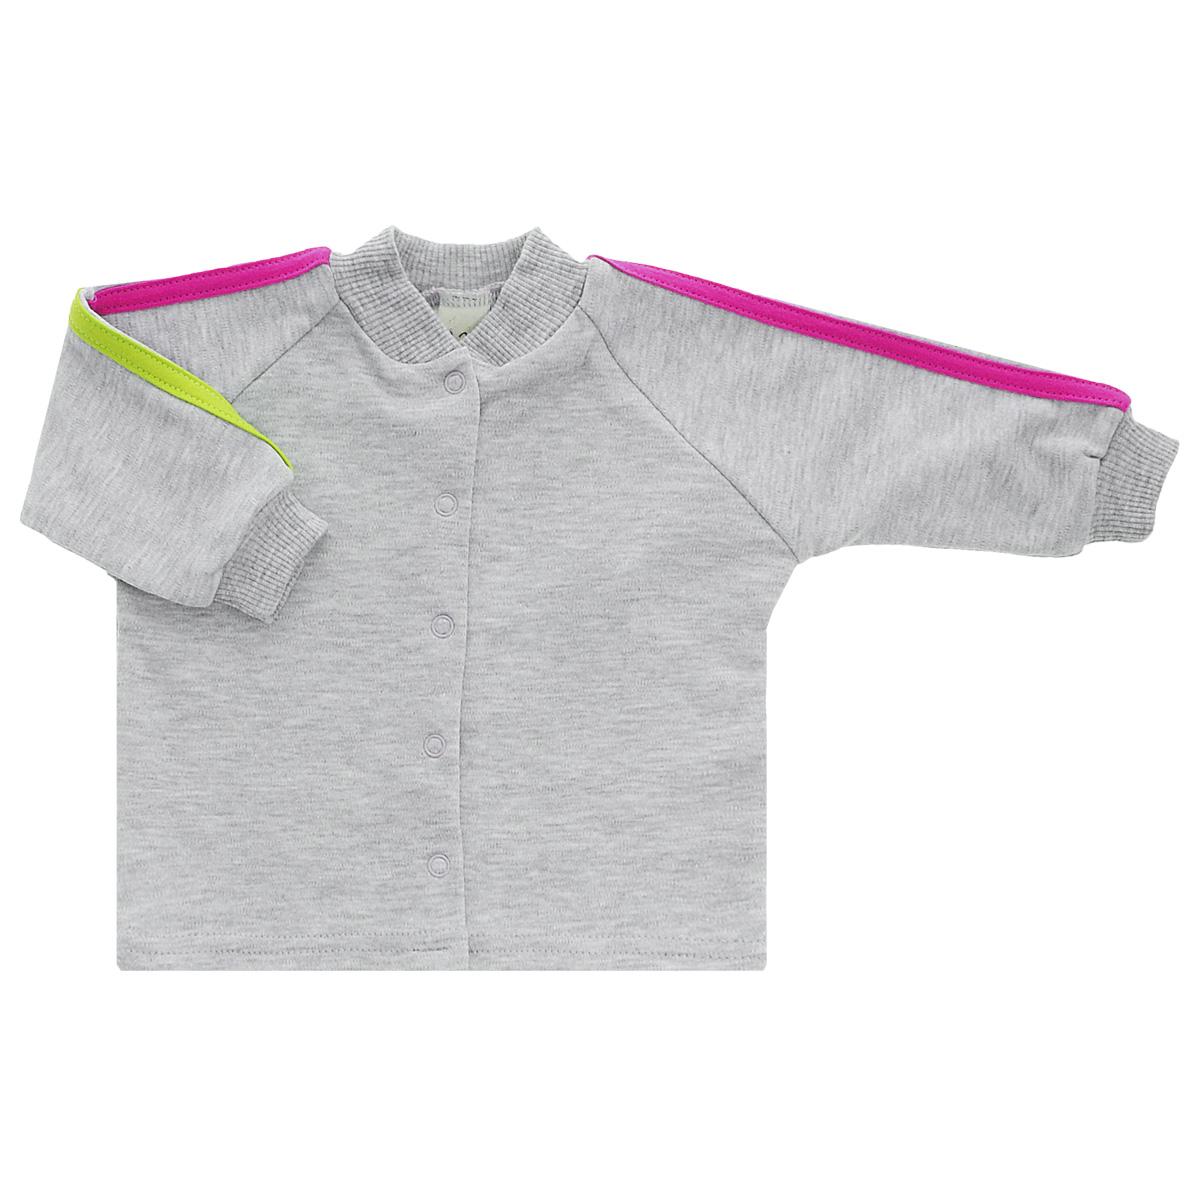 Кофточка детская Lucky Child, цвет: серый, розовый. 1-16. Размер 62/681-16Кофточка для новорожденного Lucky Child с длинными рукавами-реглан послужит идеальным дополнением к гардеробу вашего малыша, обеспечивая ему наибольший комфорт. Изготовленная из интерлока - натурального хлопка, она необычайно мягкая и легкая, не раздражает нежную кожу ребенка и хорошо вентилируется, а эластичные швы приятны телу малыша и не препятствуют его движениям. Удобные застежки-кнопки по всей длине помогают легко переодеть младенца. Рукава понизу дополнены широкими трикотажными манжетами, не стягивающими запястья. Кофточка полностью соответствует особенностям жизни ребенка в ранний период, не стесняя и не ограничивая его в движениях. В ней ваш малыш всегда будет в центре внимания.